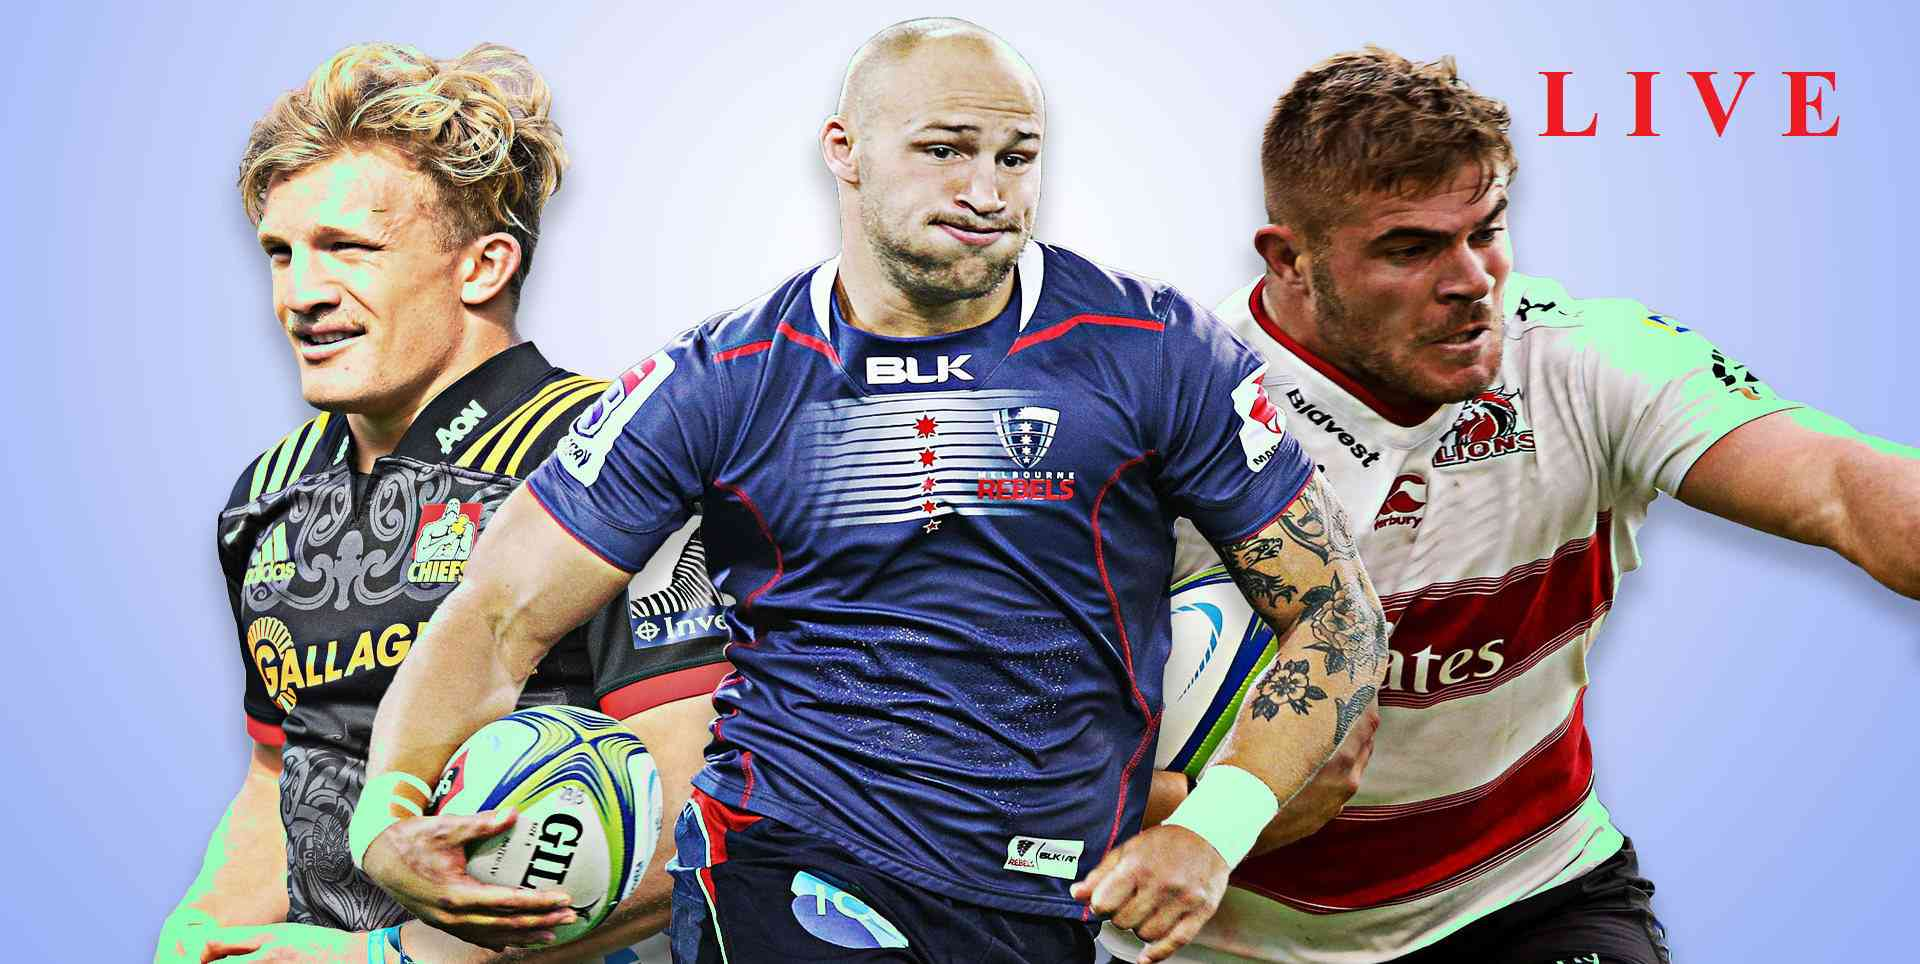 wasps-vs-bristol-rugby-live-stream